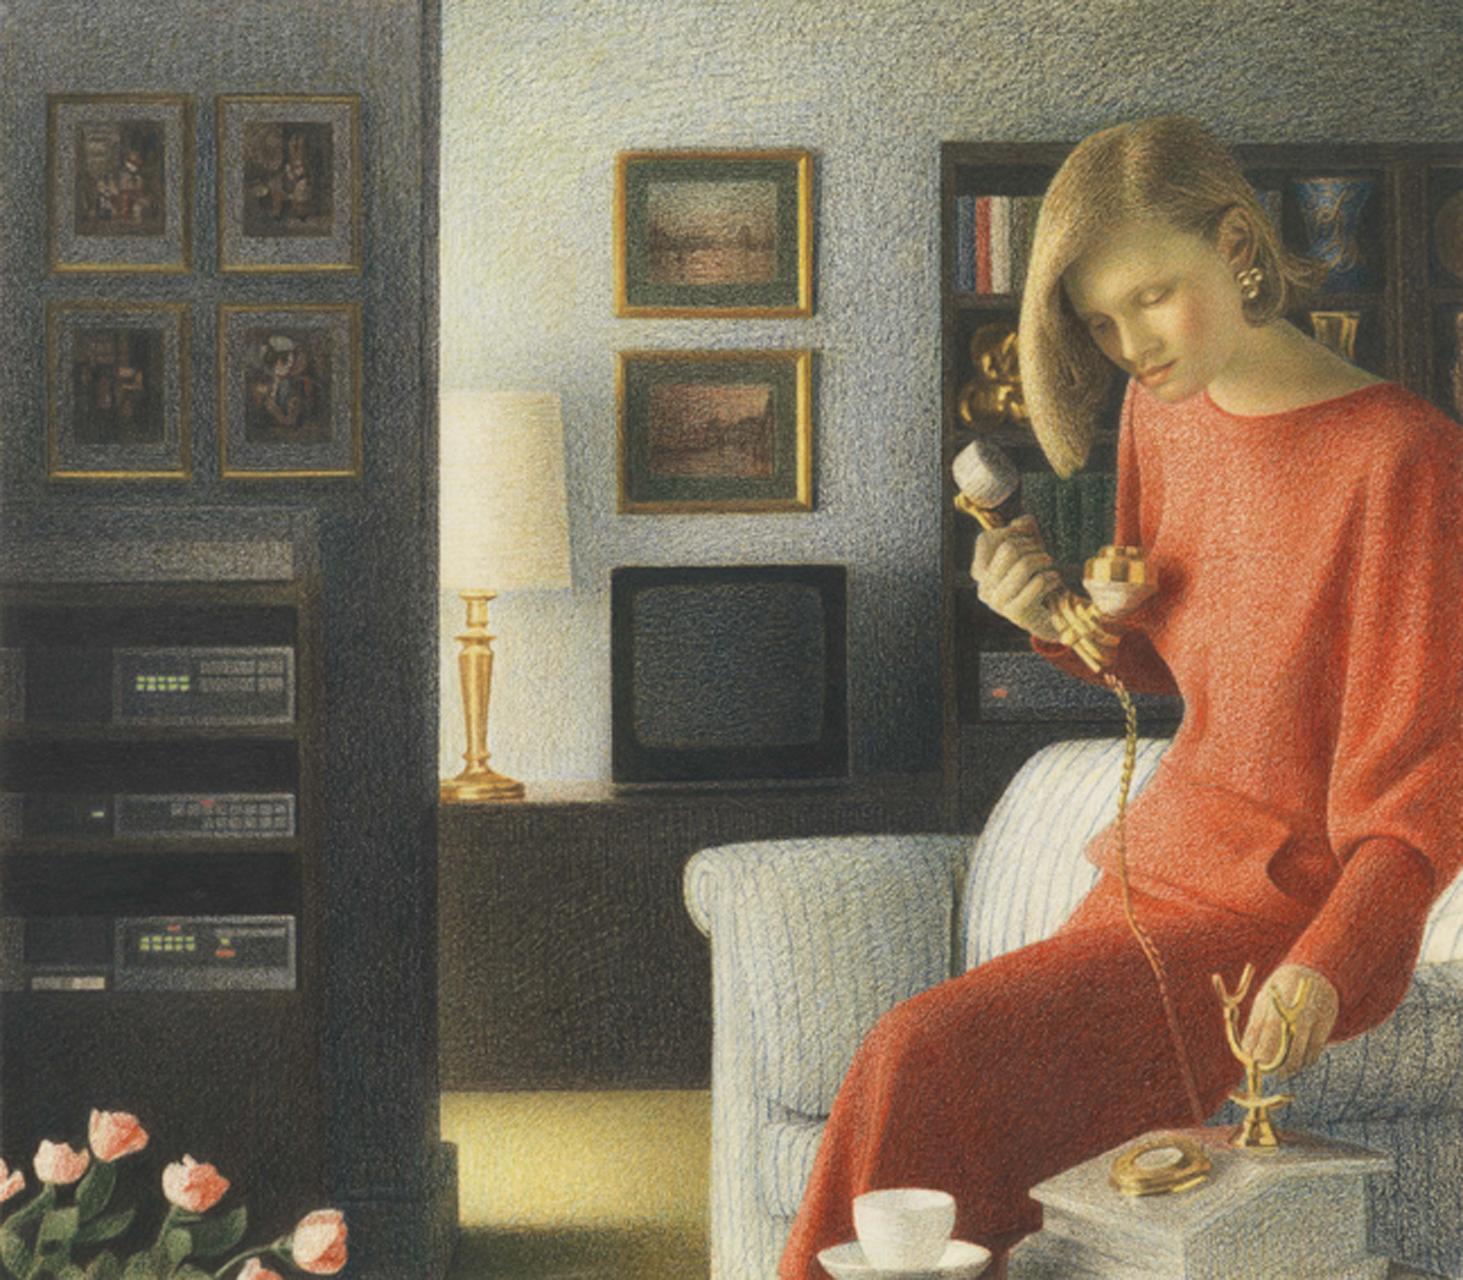 Graham Little, Rose Lady, 2010, Farbstift und Gouache auf Papier, 27,6 x 31,8 cm